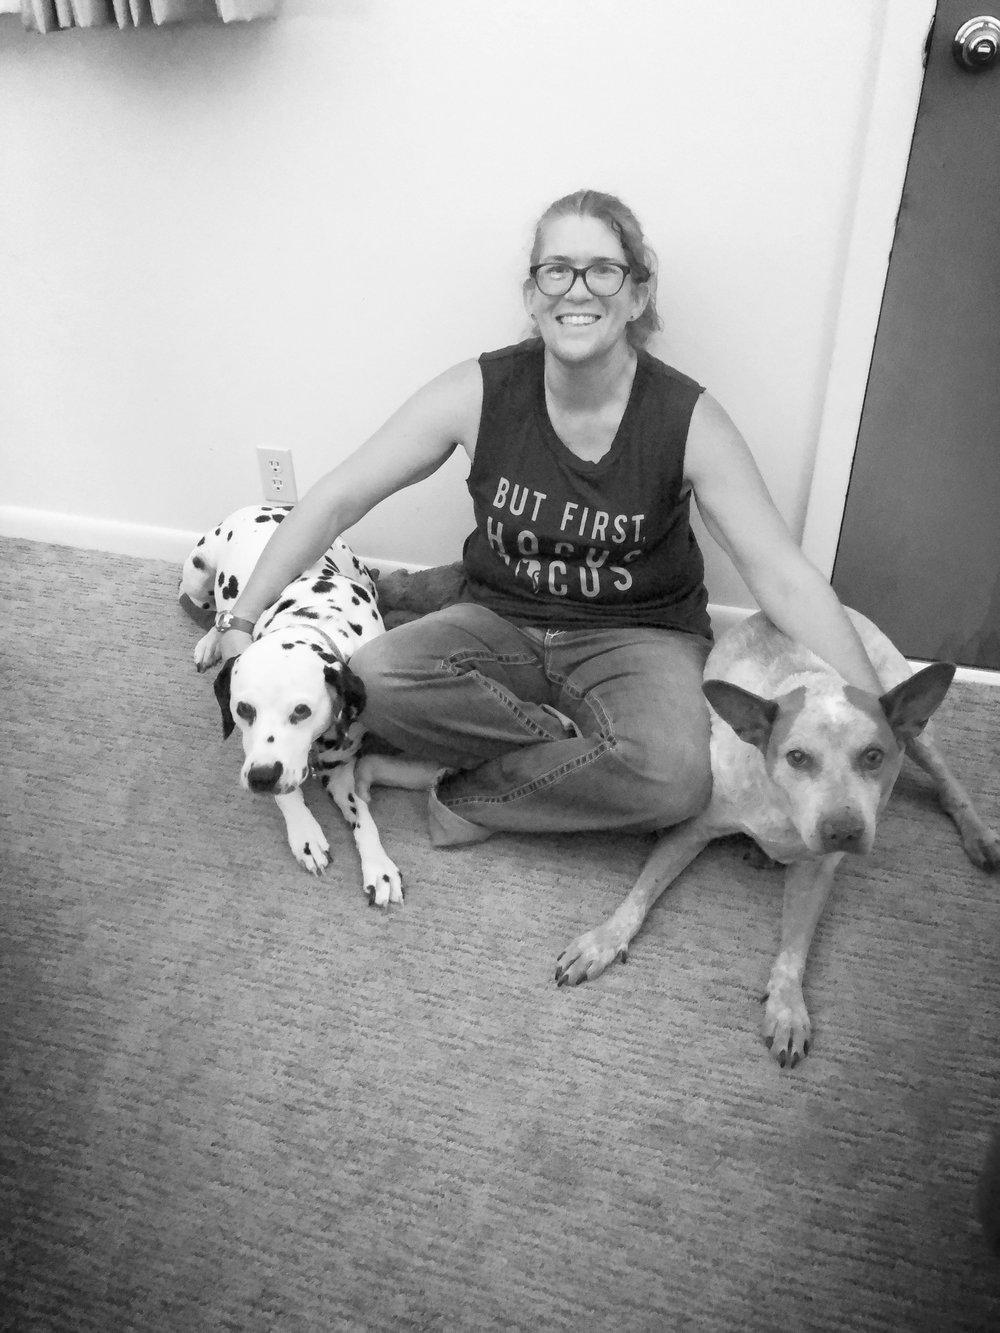 Robin, certified veterinary technician